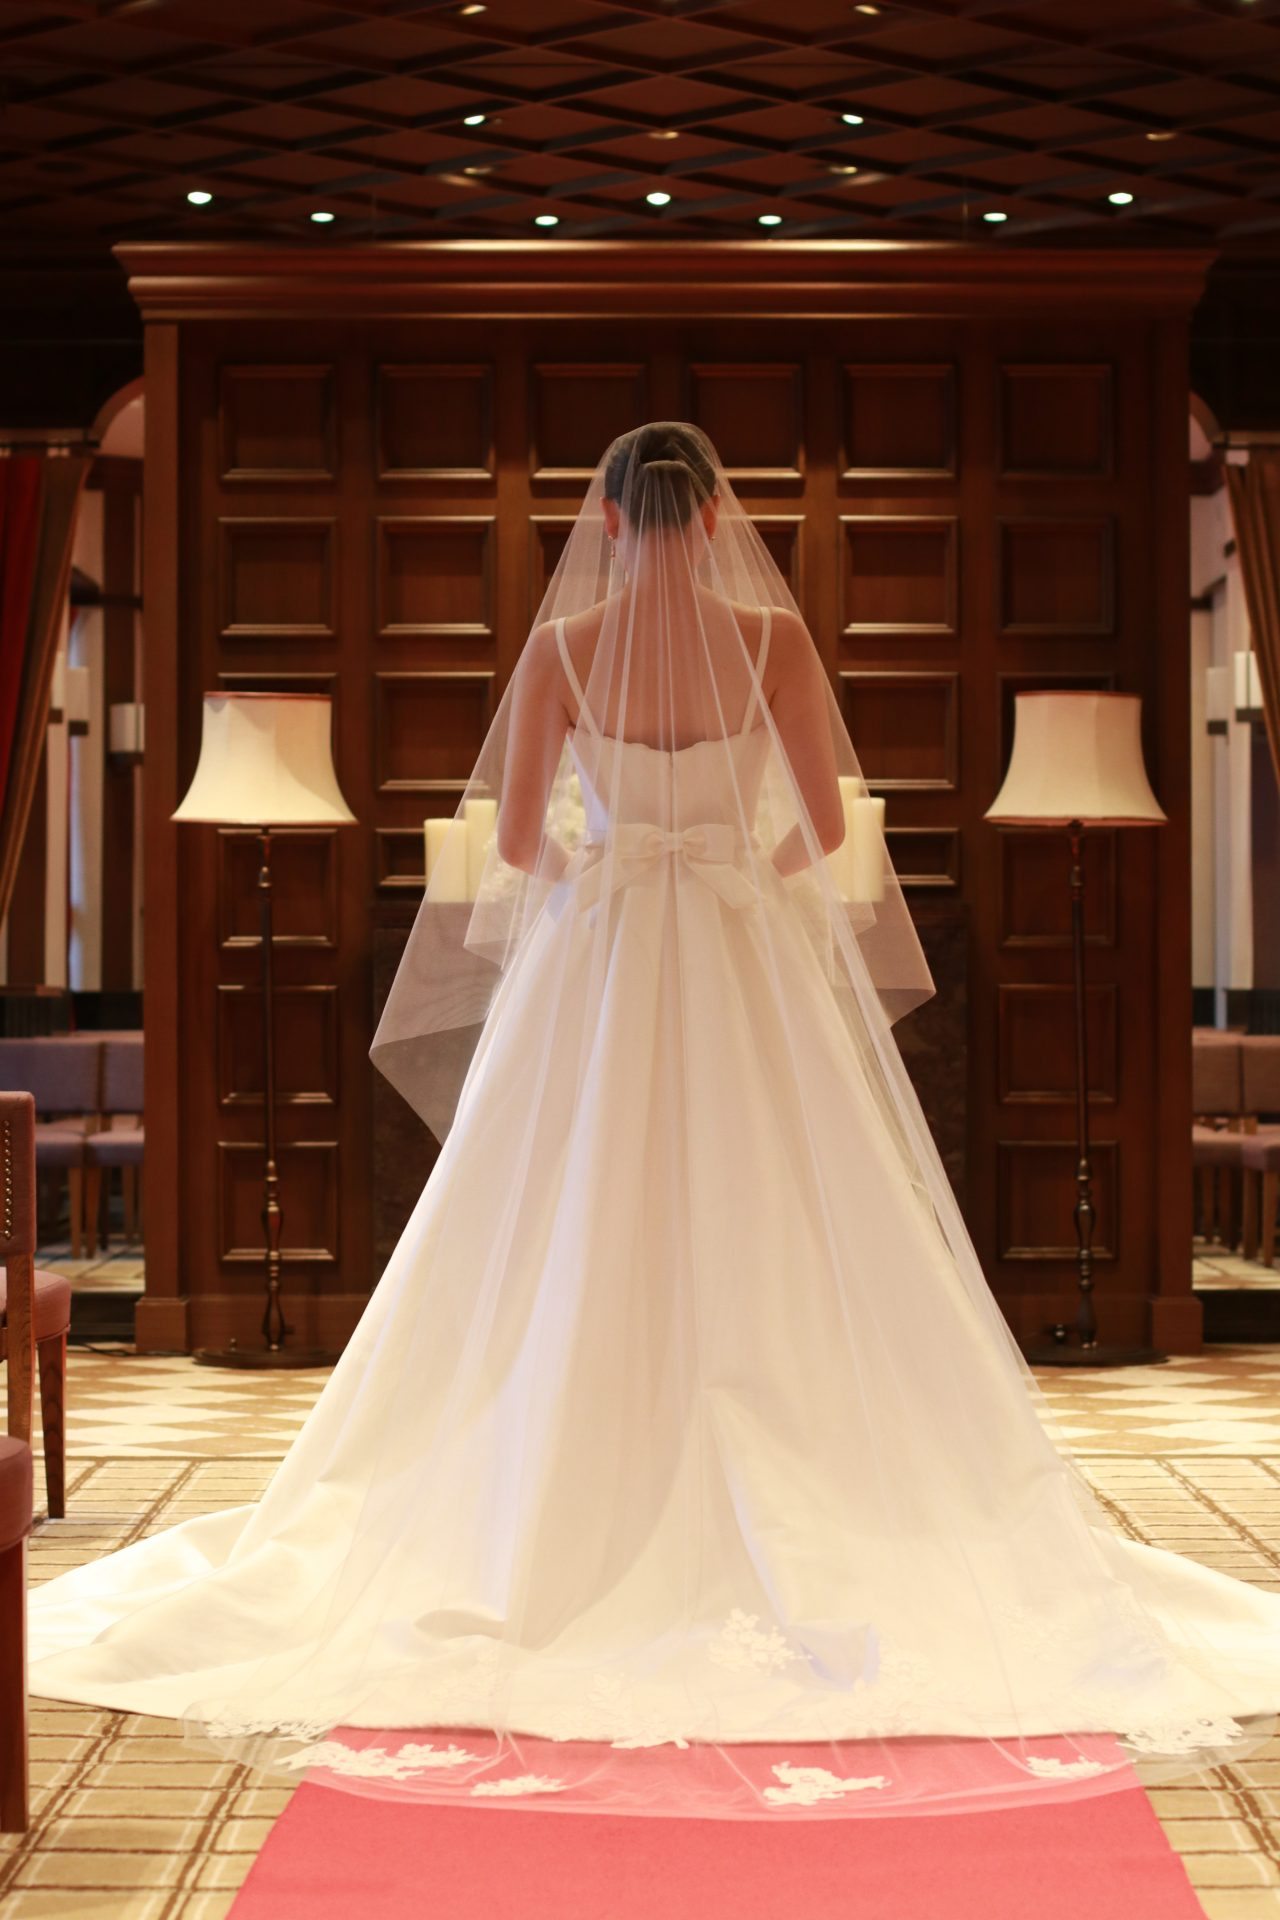 バックスタイルの腰元に施されたキャッチ―なリボンが印象的なシンプルなキャロリーナへレラのウェディングドレスには美しいコードリバーレースの施されたロングベールを合わせることで花を添えます